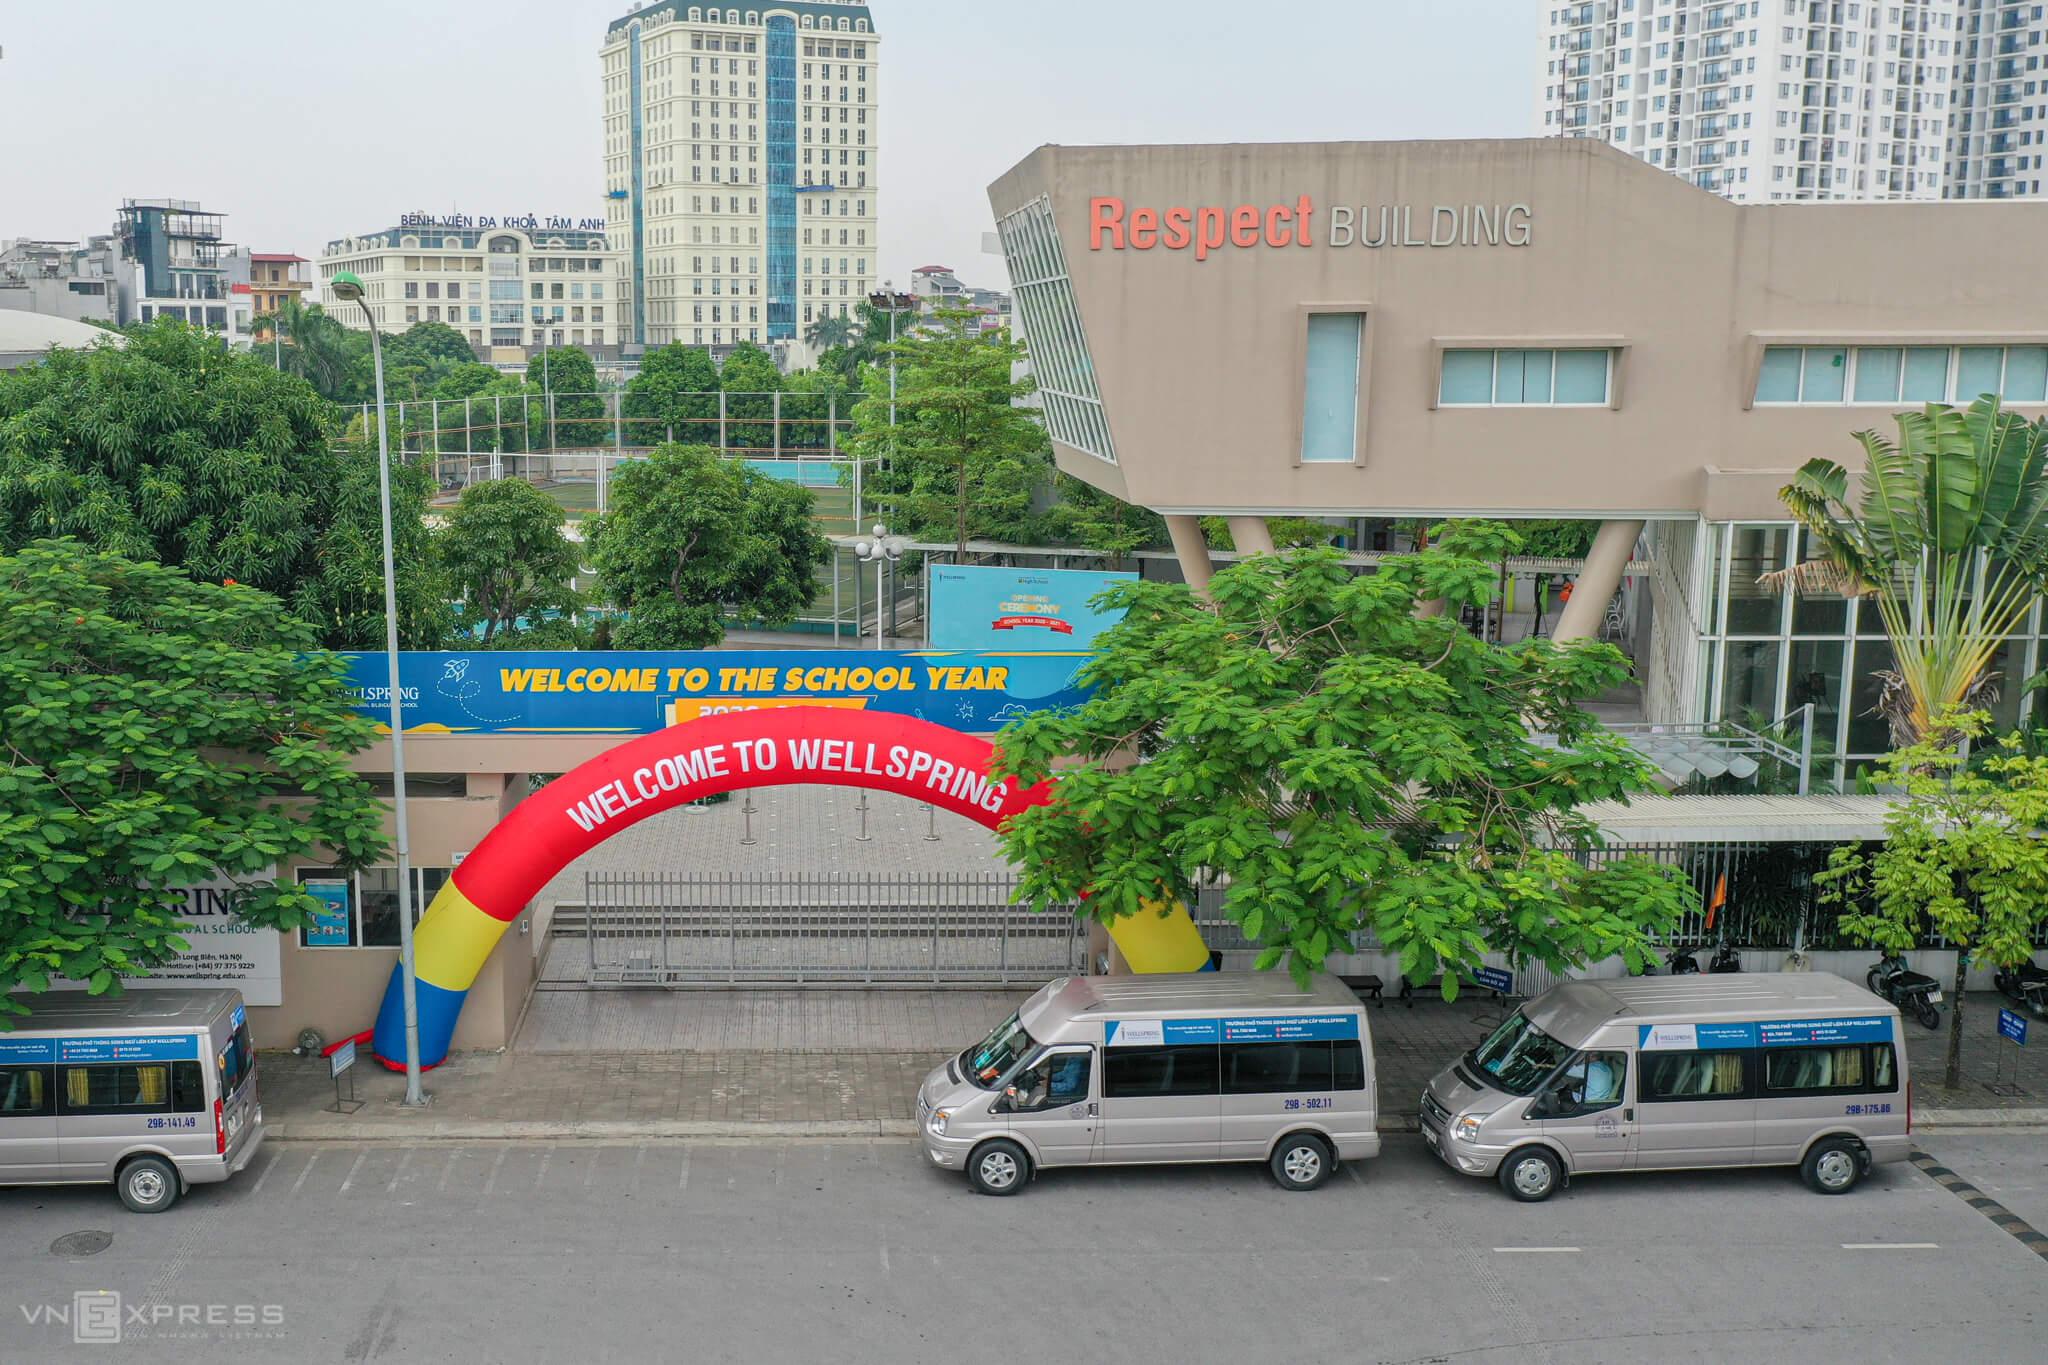 Trường Phổ thông Song ngữ Liên cấp Wellspring, quận Long Biên, Hà Nội. Ảnh: Ngọc Thành